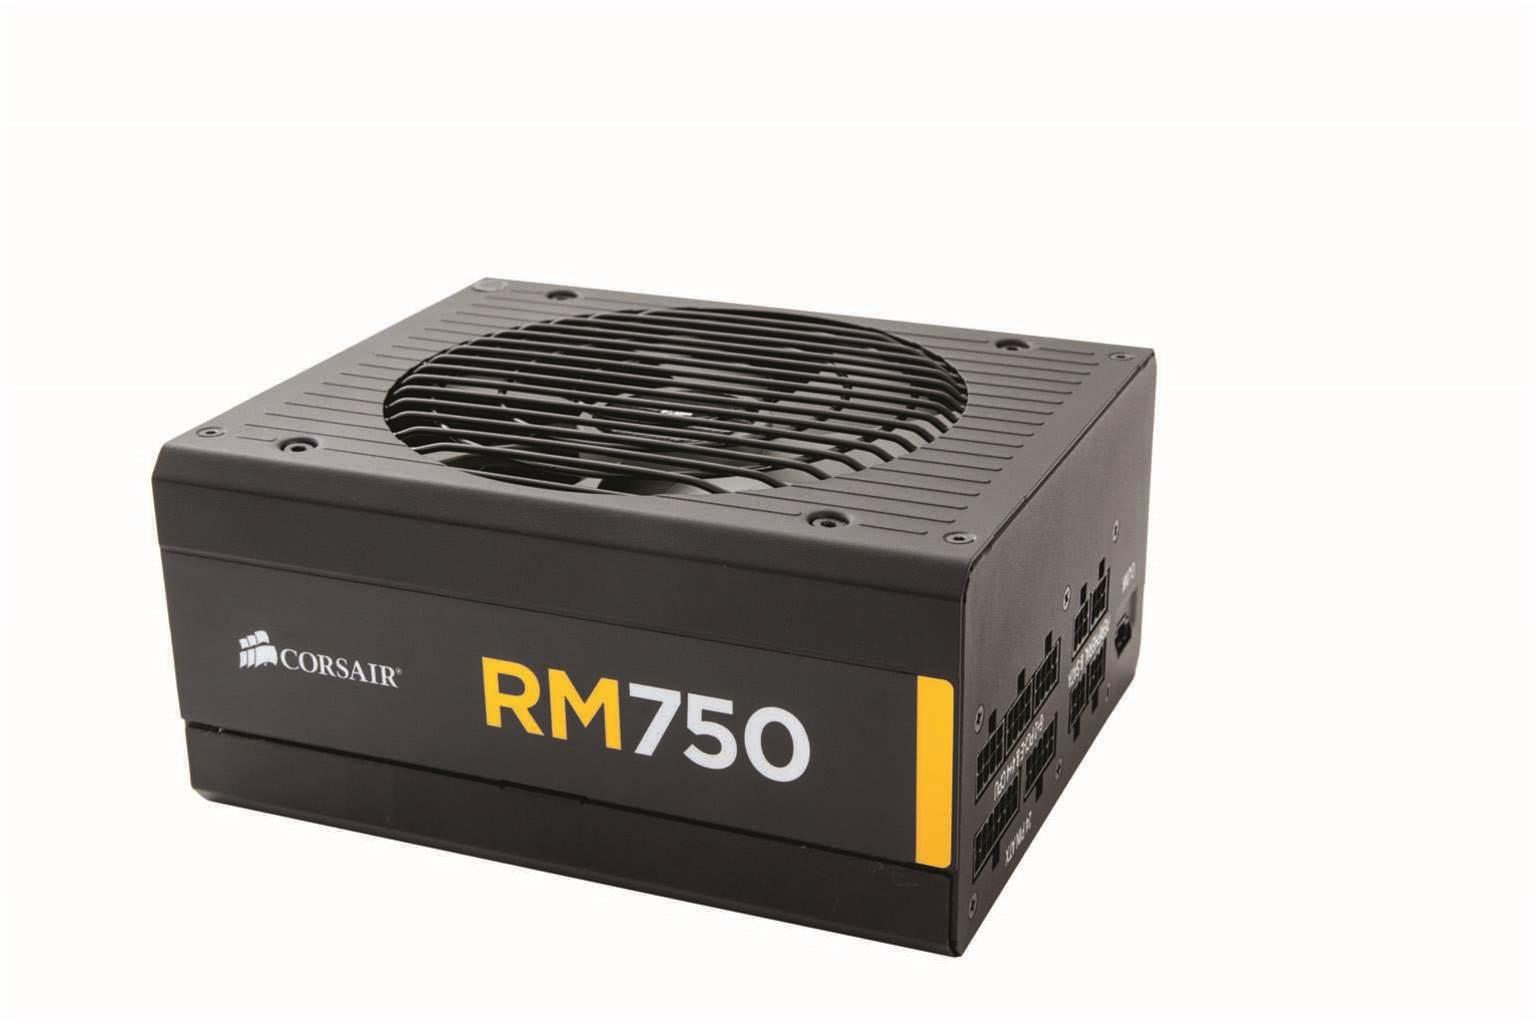 Labs Brief: Corsair RM750